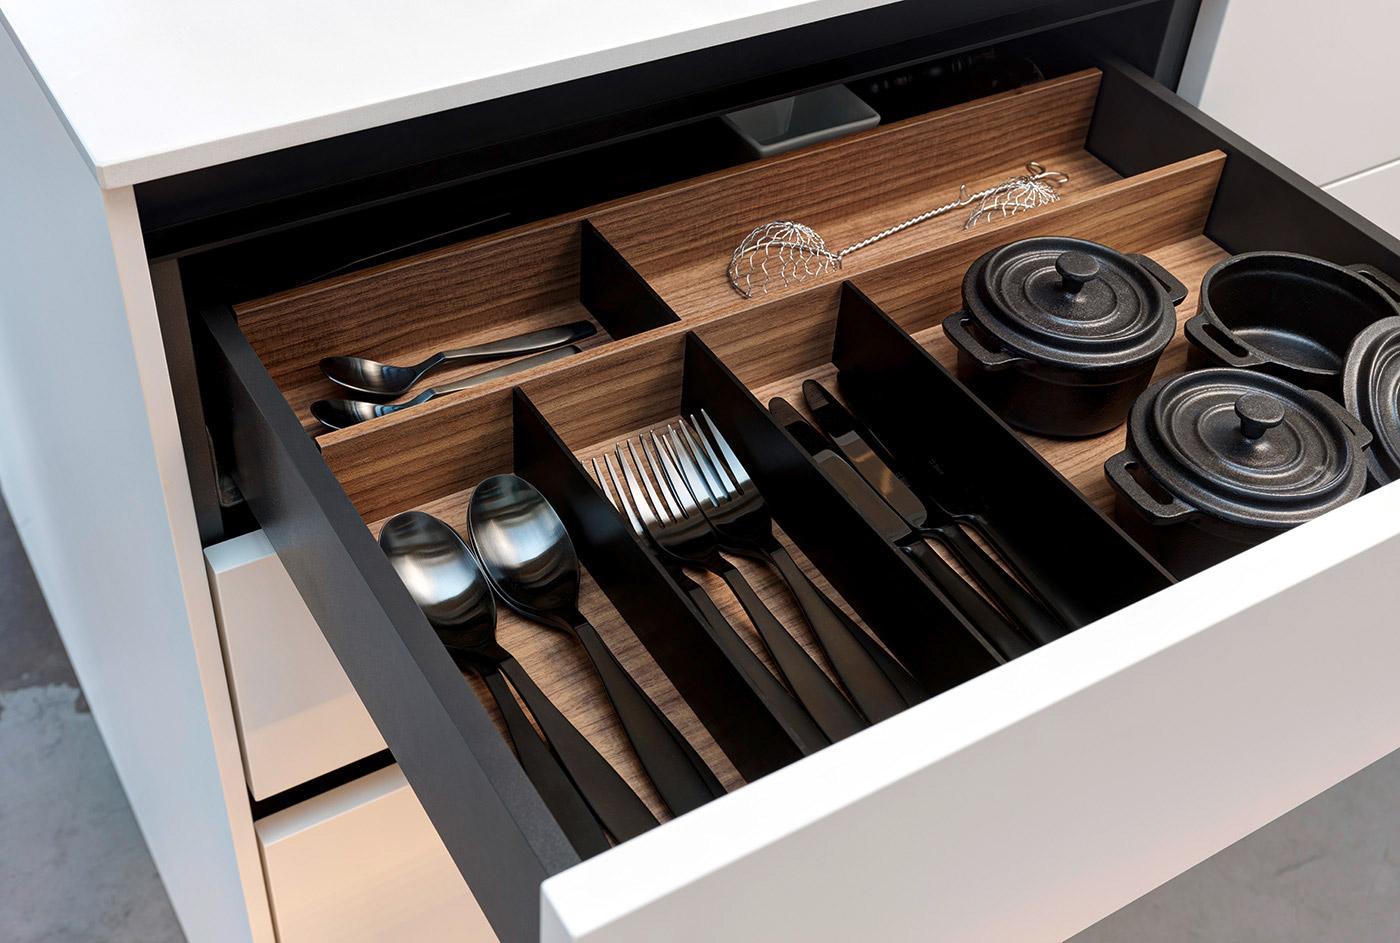 nobilia besteckeinsatz move variable einteilung. Black Bedroom Furniture Sets. Home Design Ideas